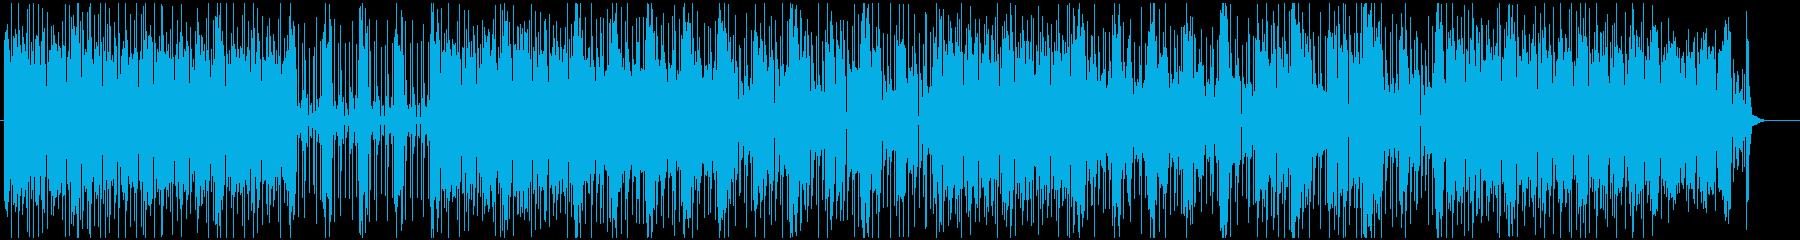 勇者を後押しするジャズファンク調ポップスの再生済みの波形